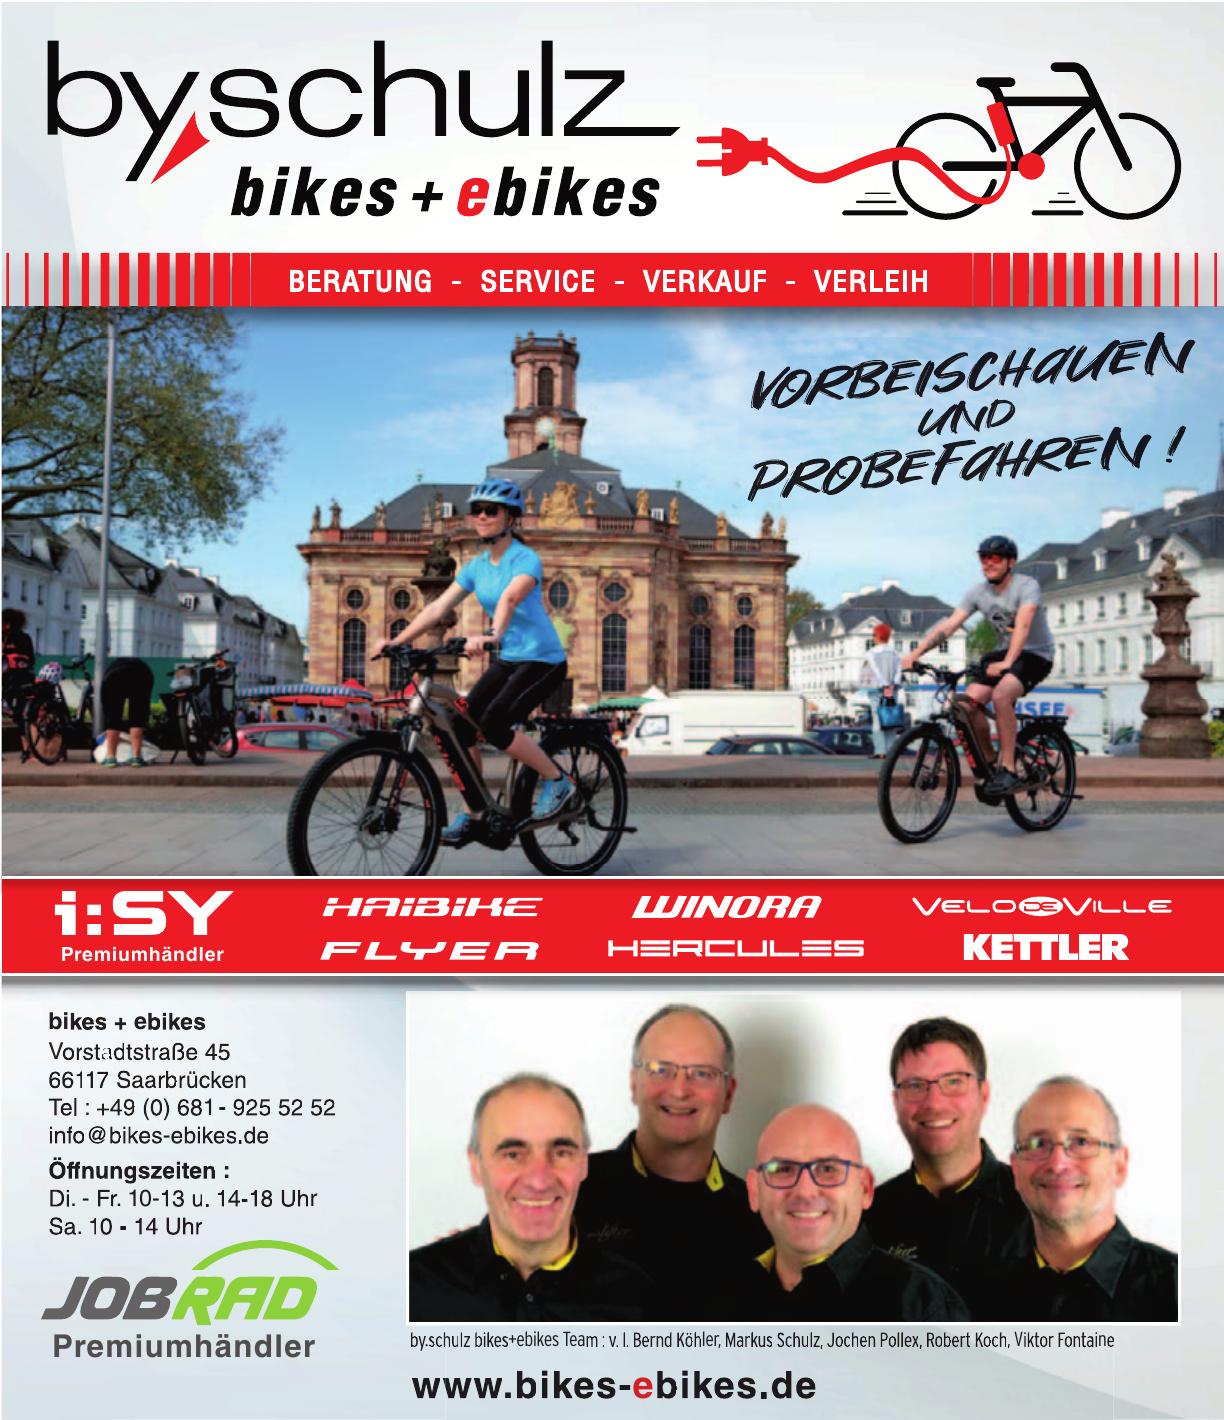 Bikes + Ebikes